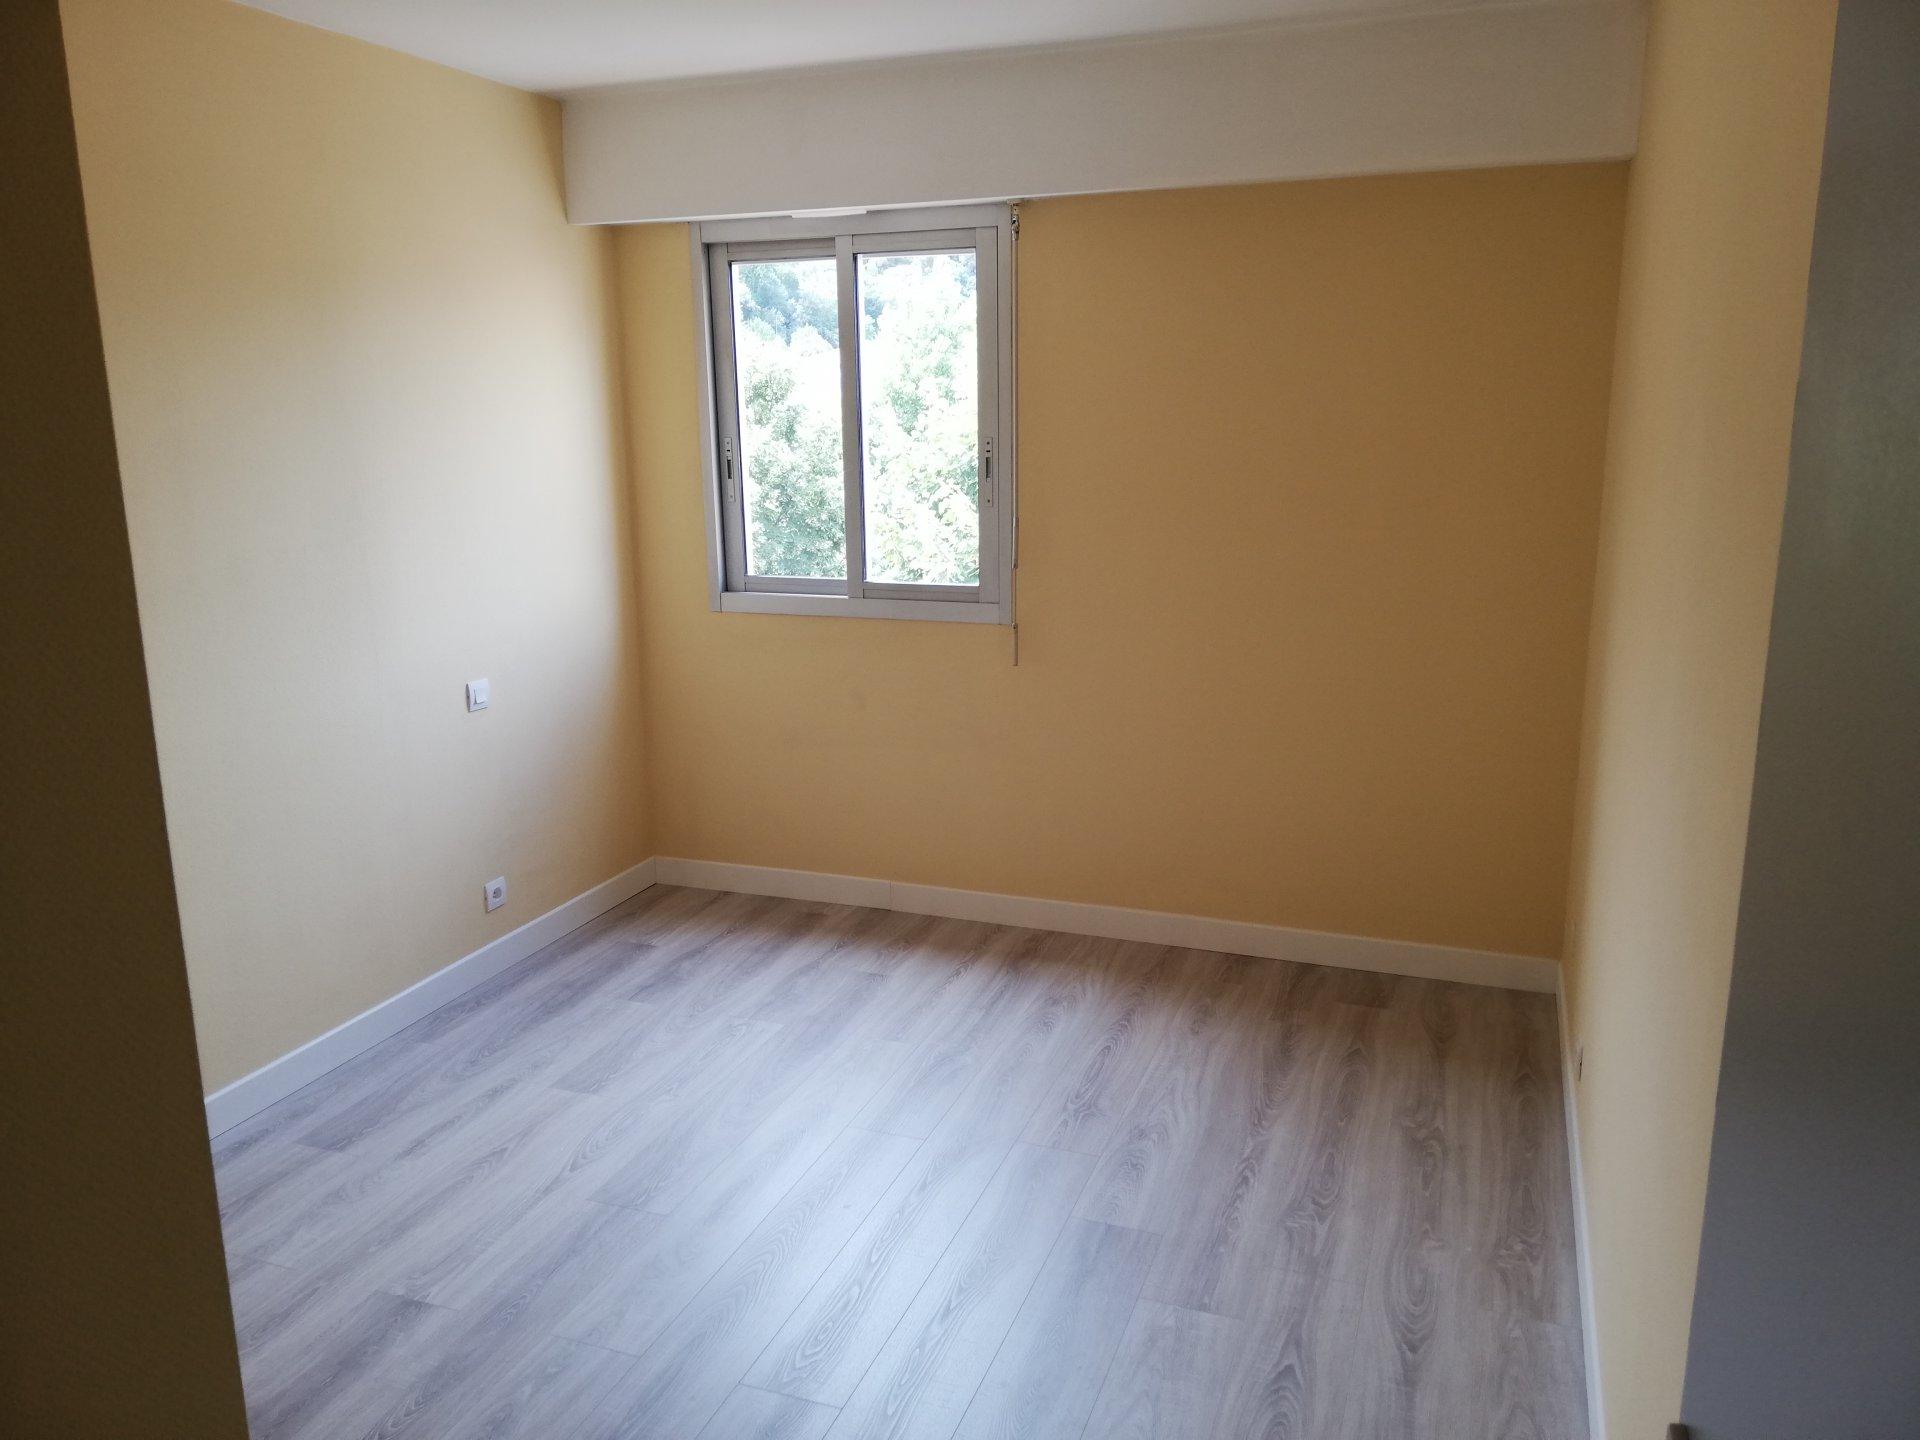 Cagnes sur Mer (06800) - Appartement 2 pièces - Entièrement refait à neuf